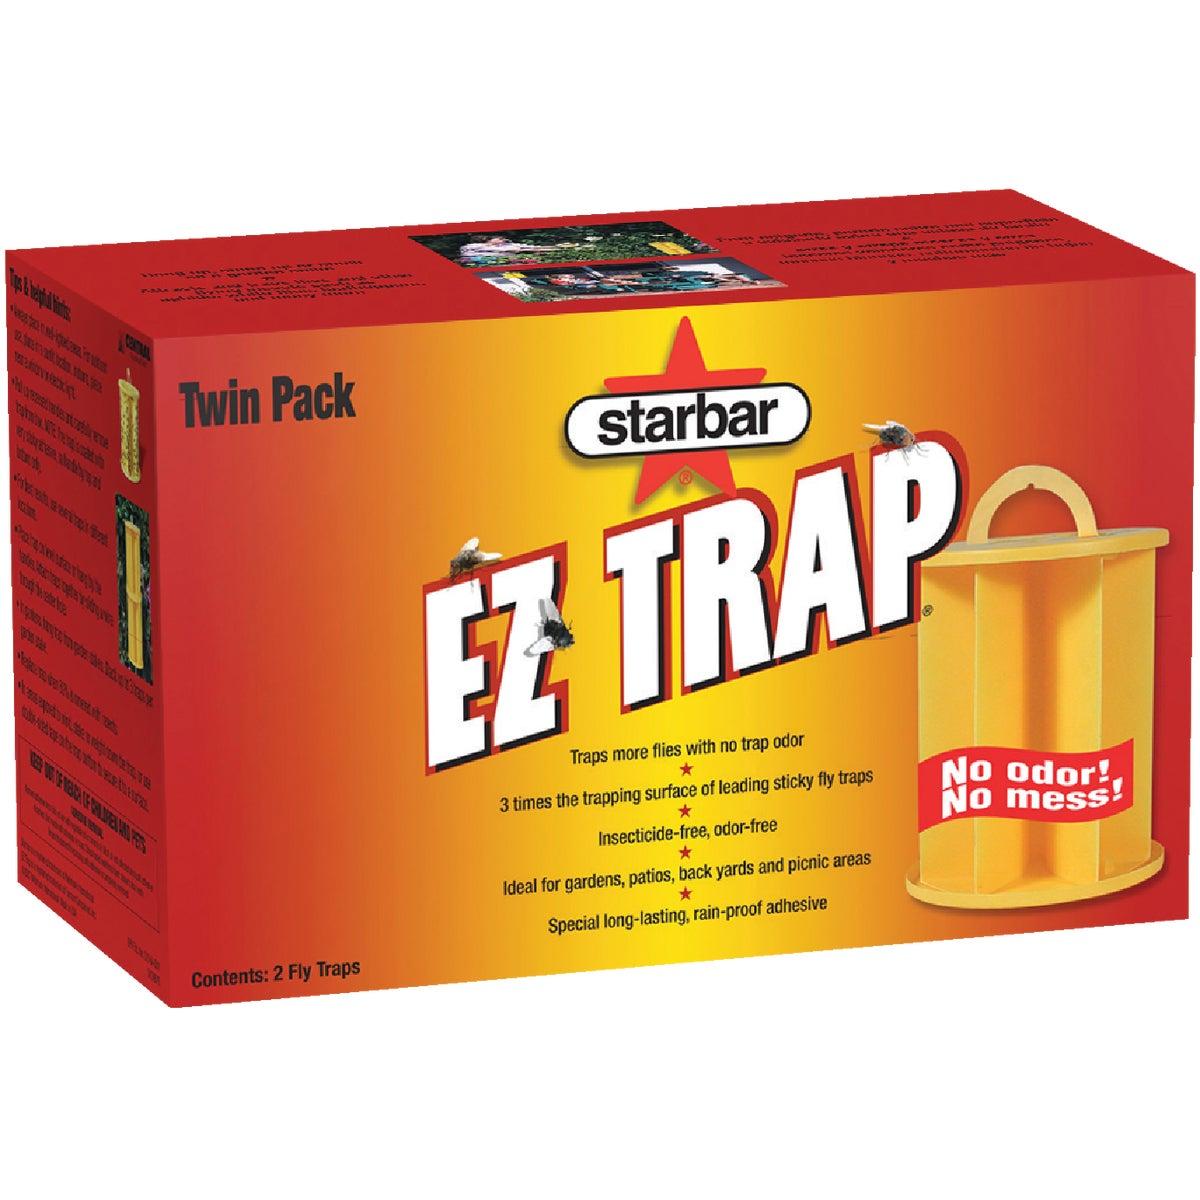 EZ TRAP